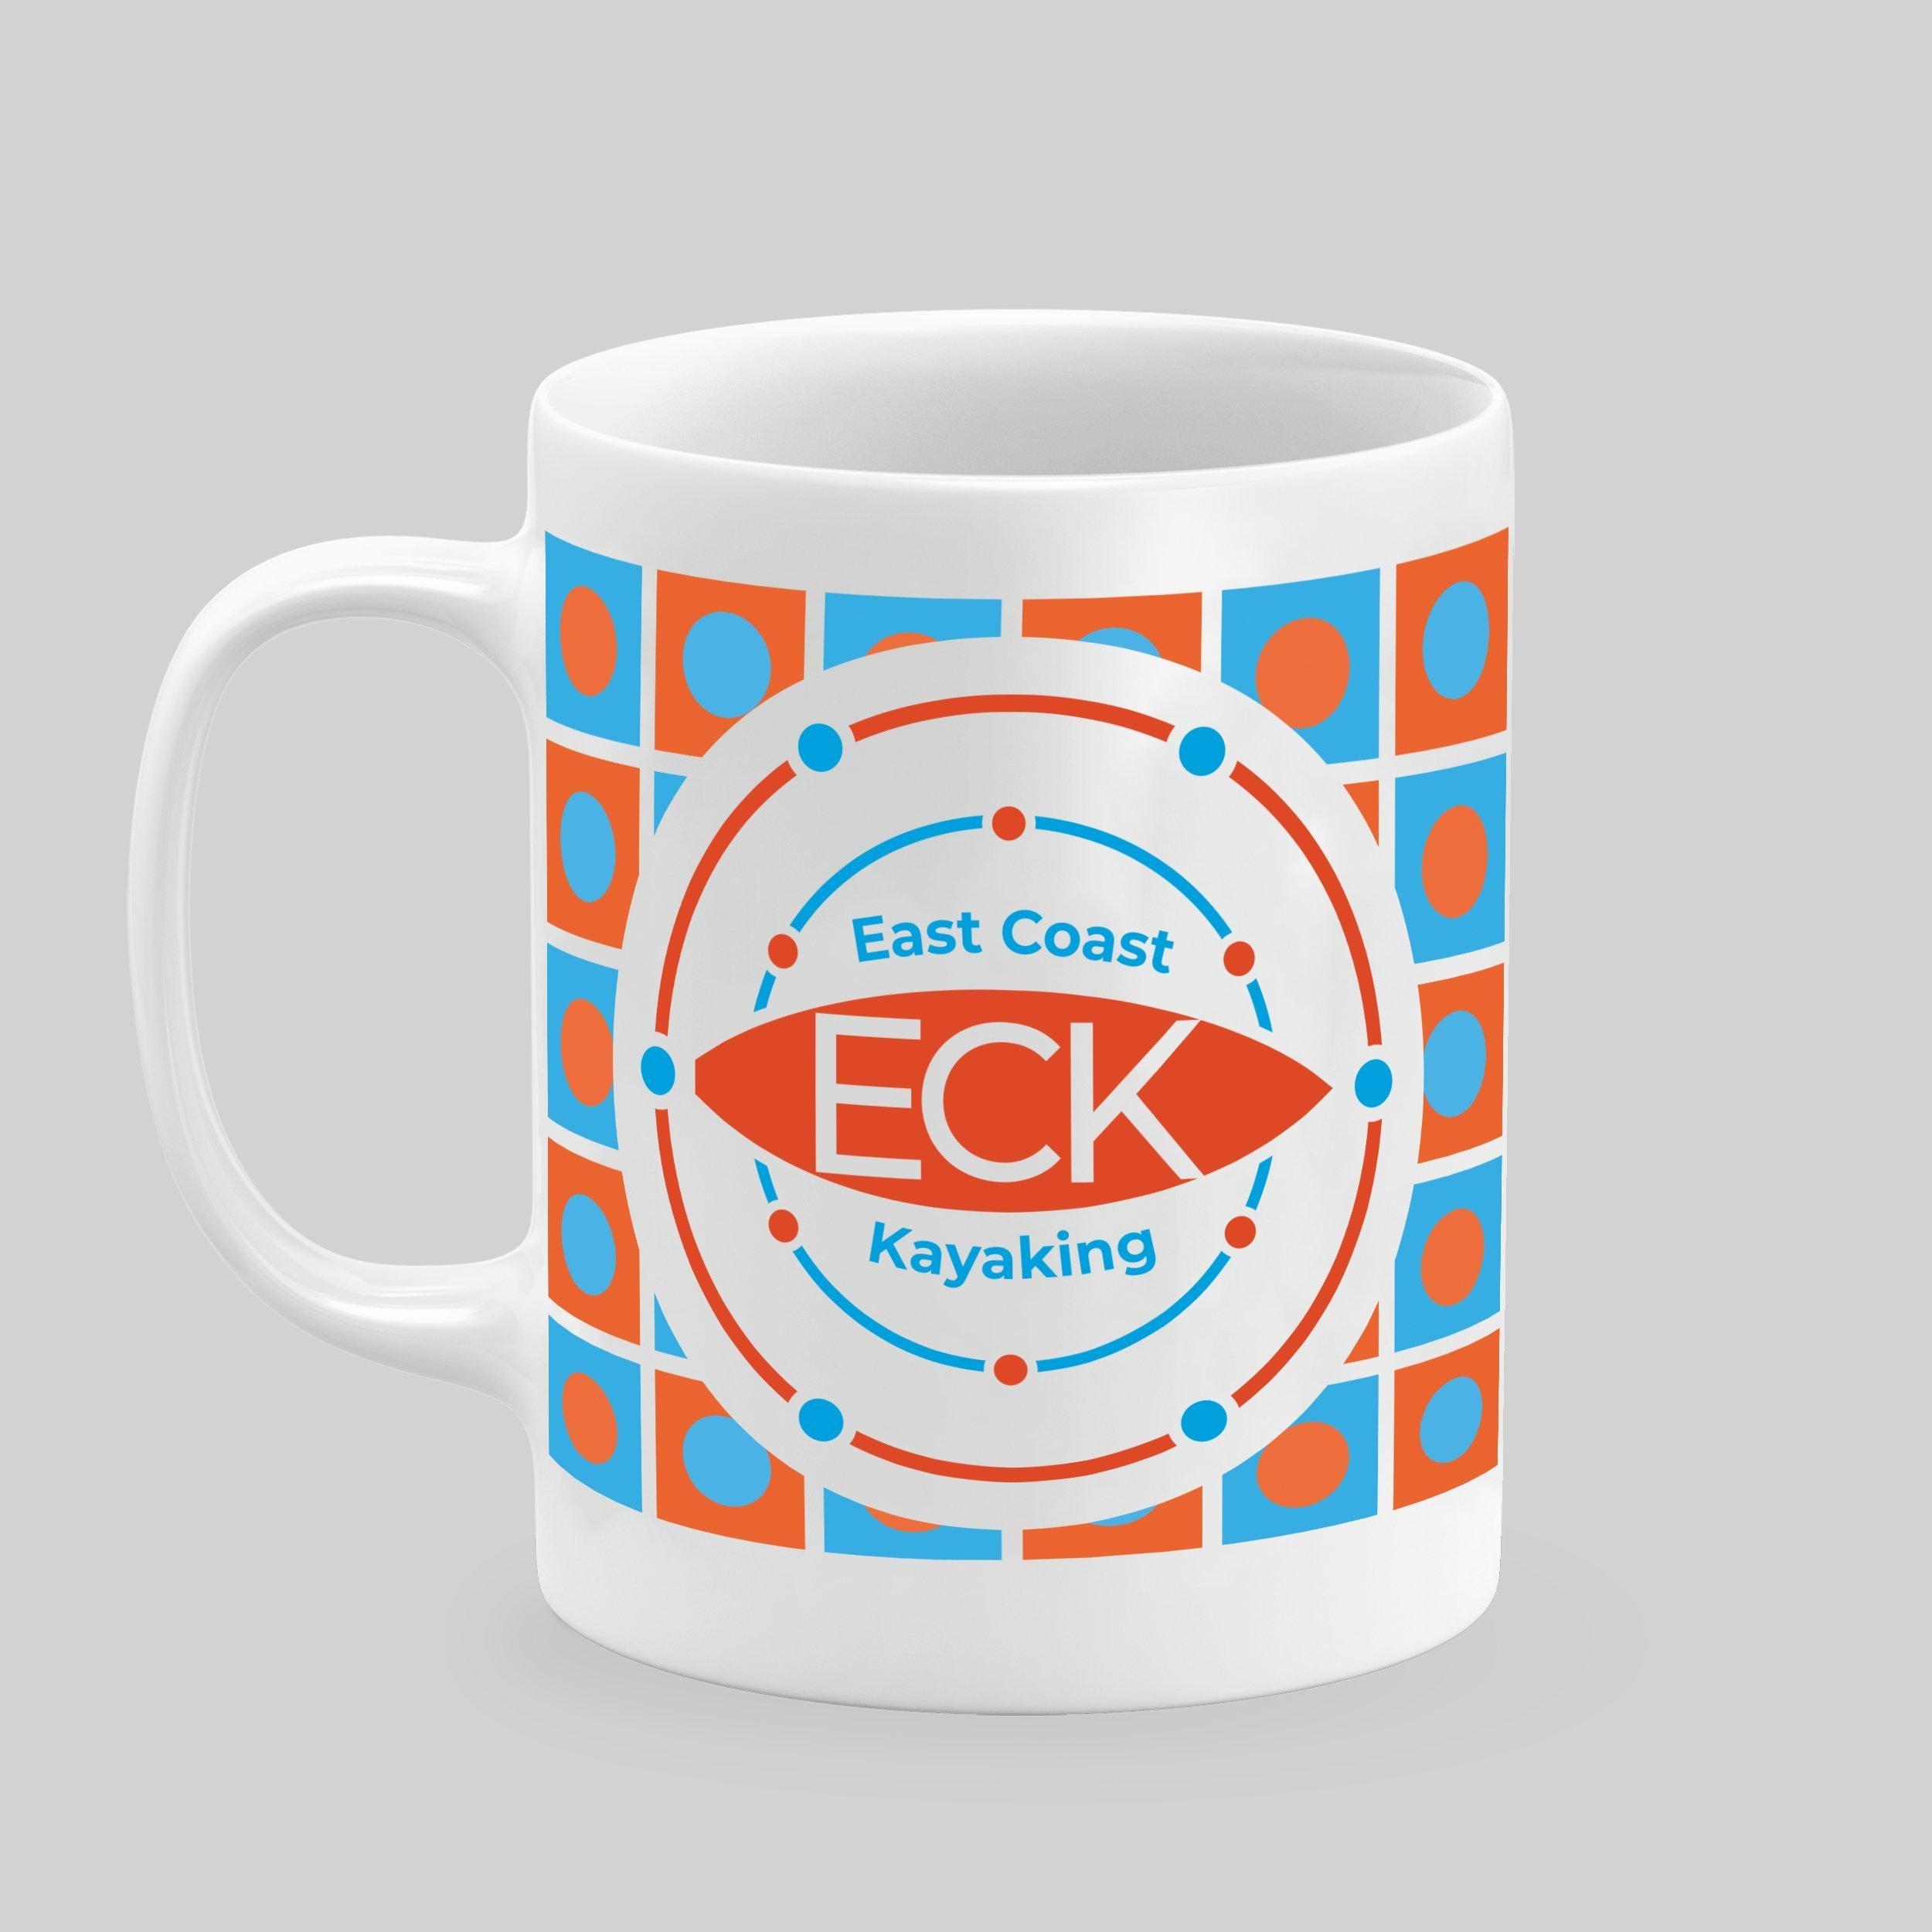 20oz Mug Corporate Gift Idea